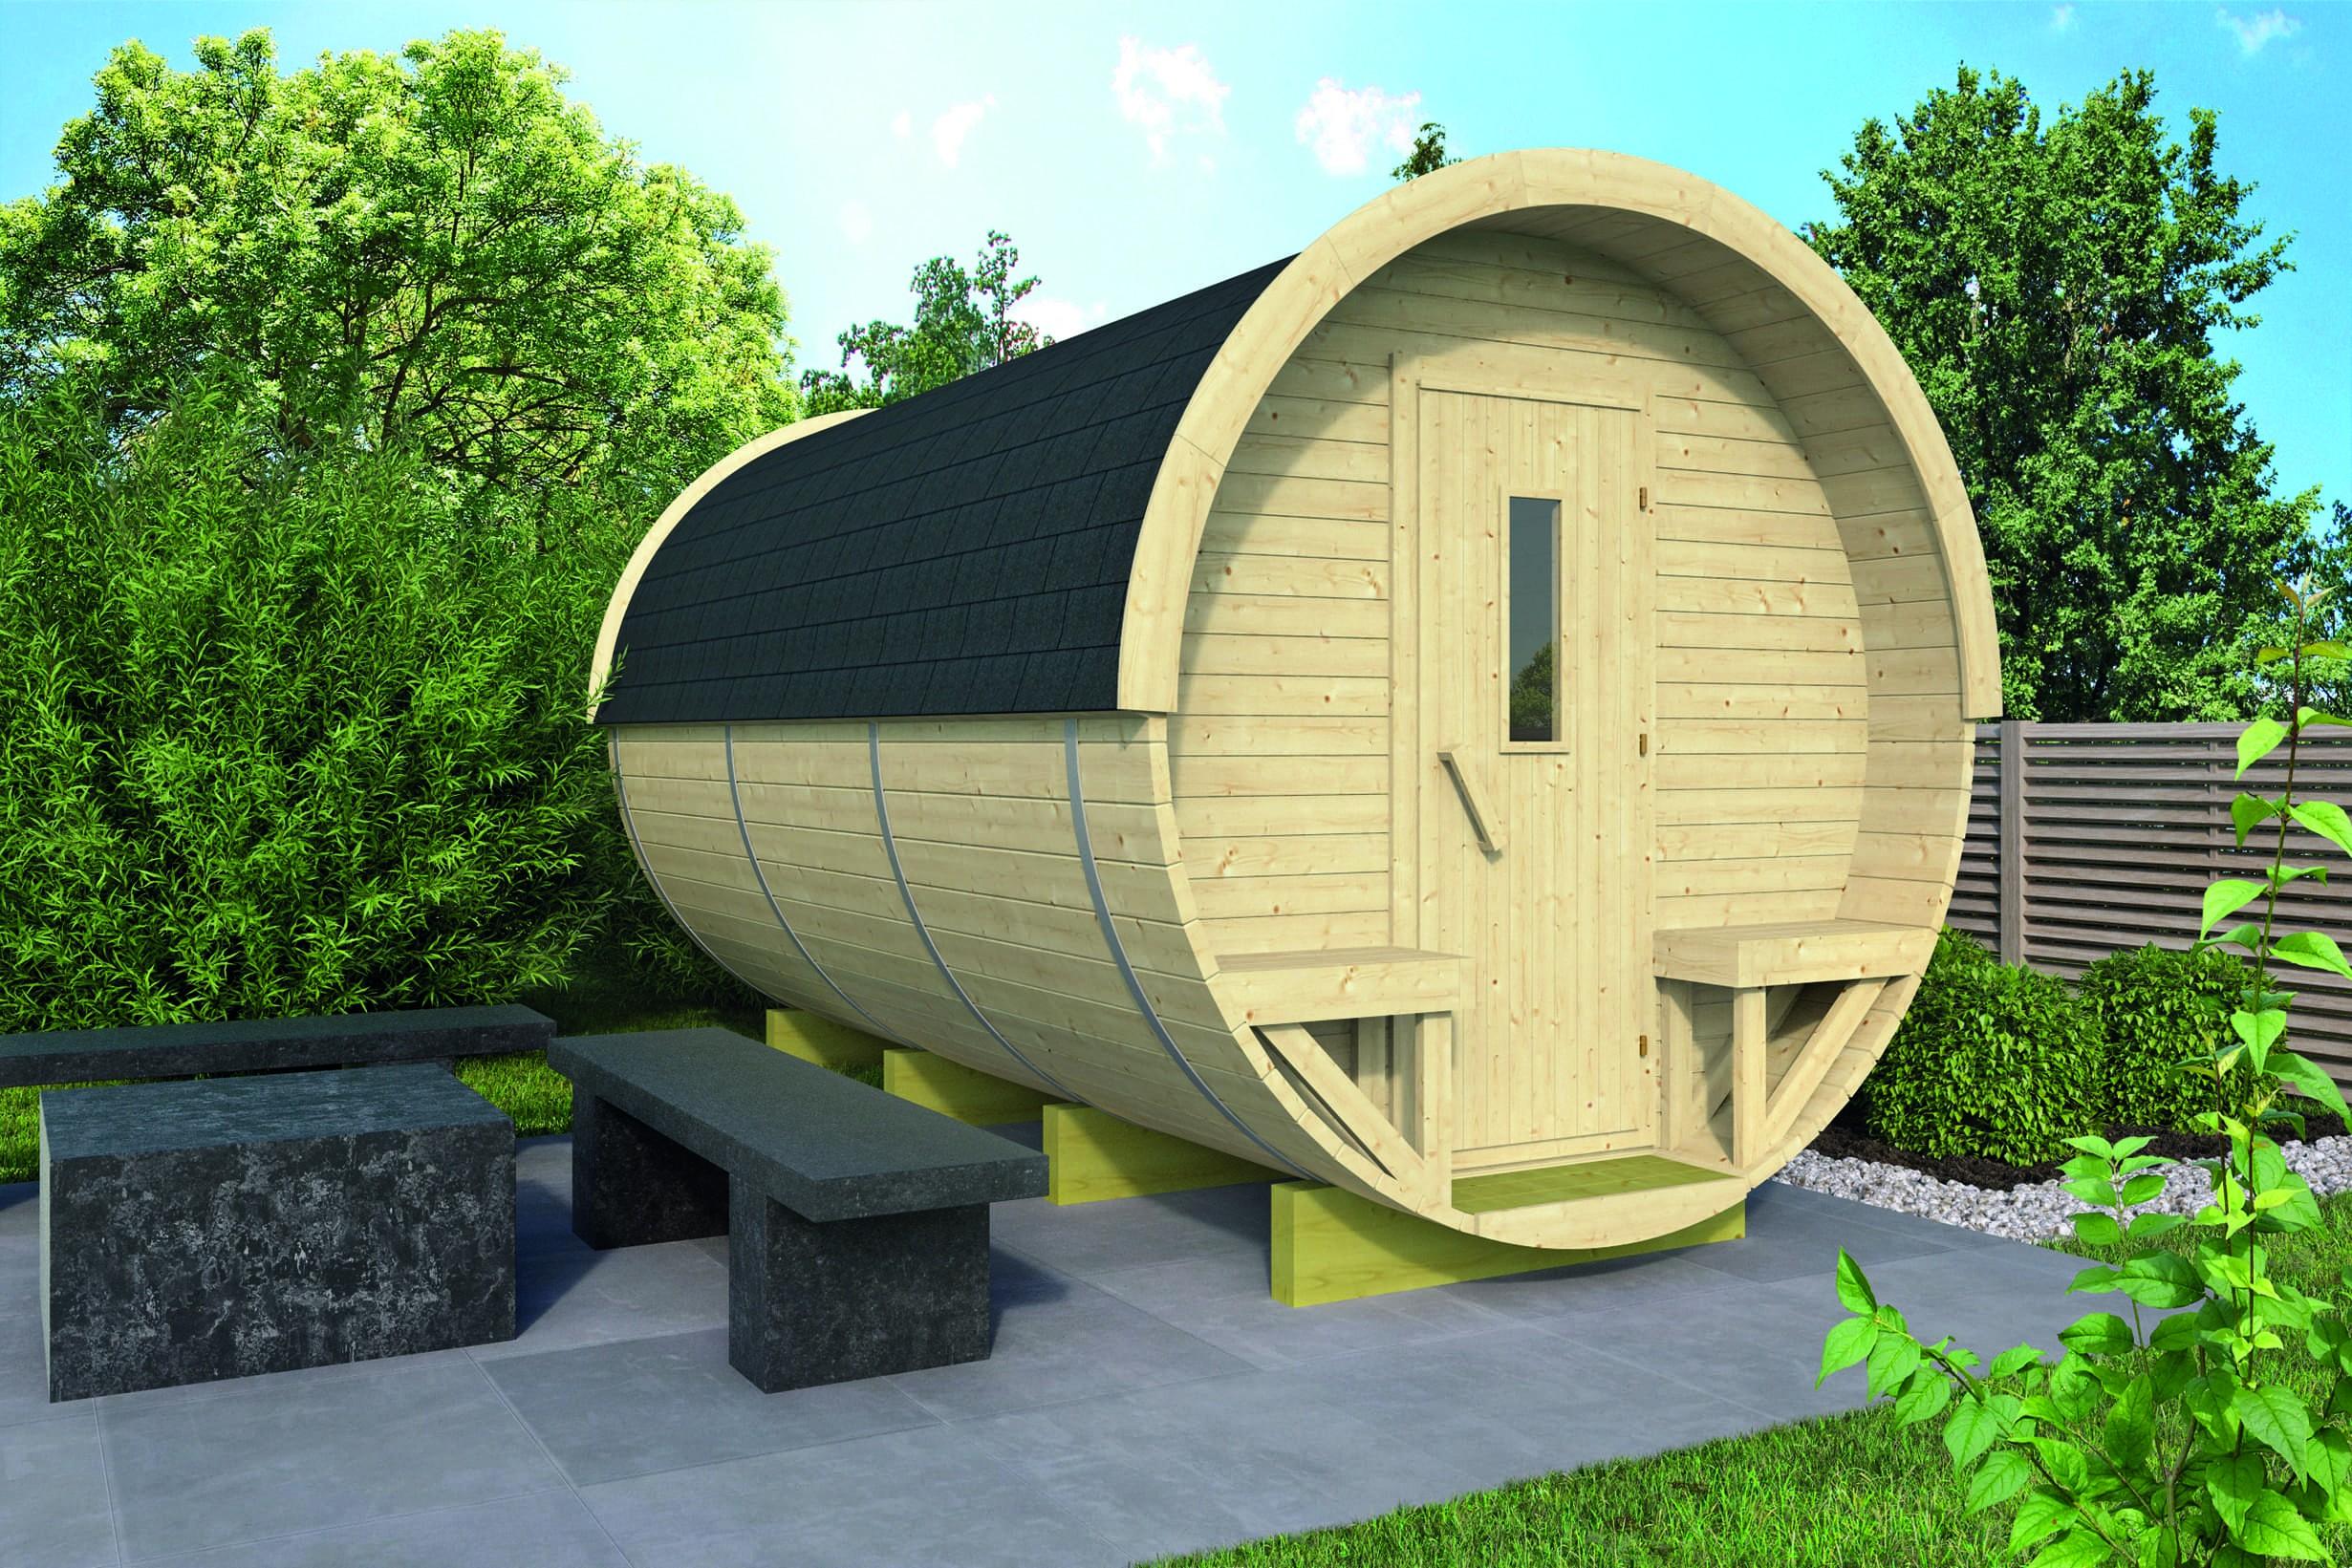 Zahradní domek Camping Barrel